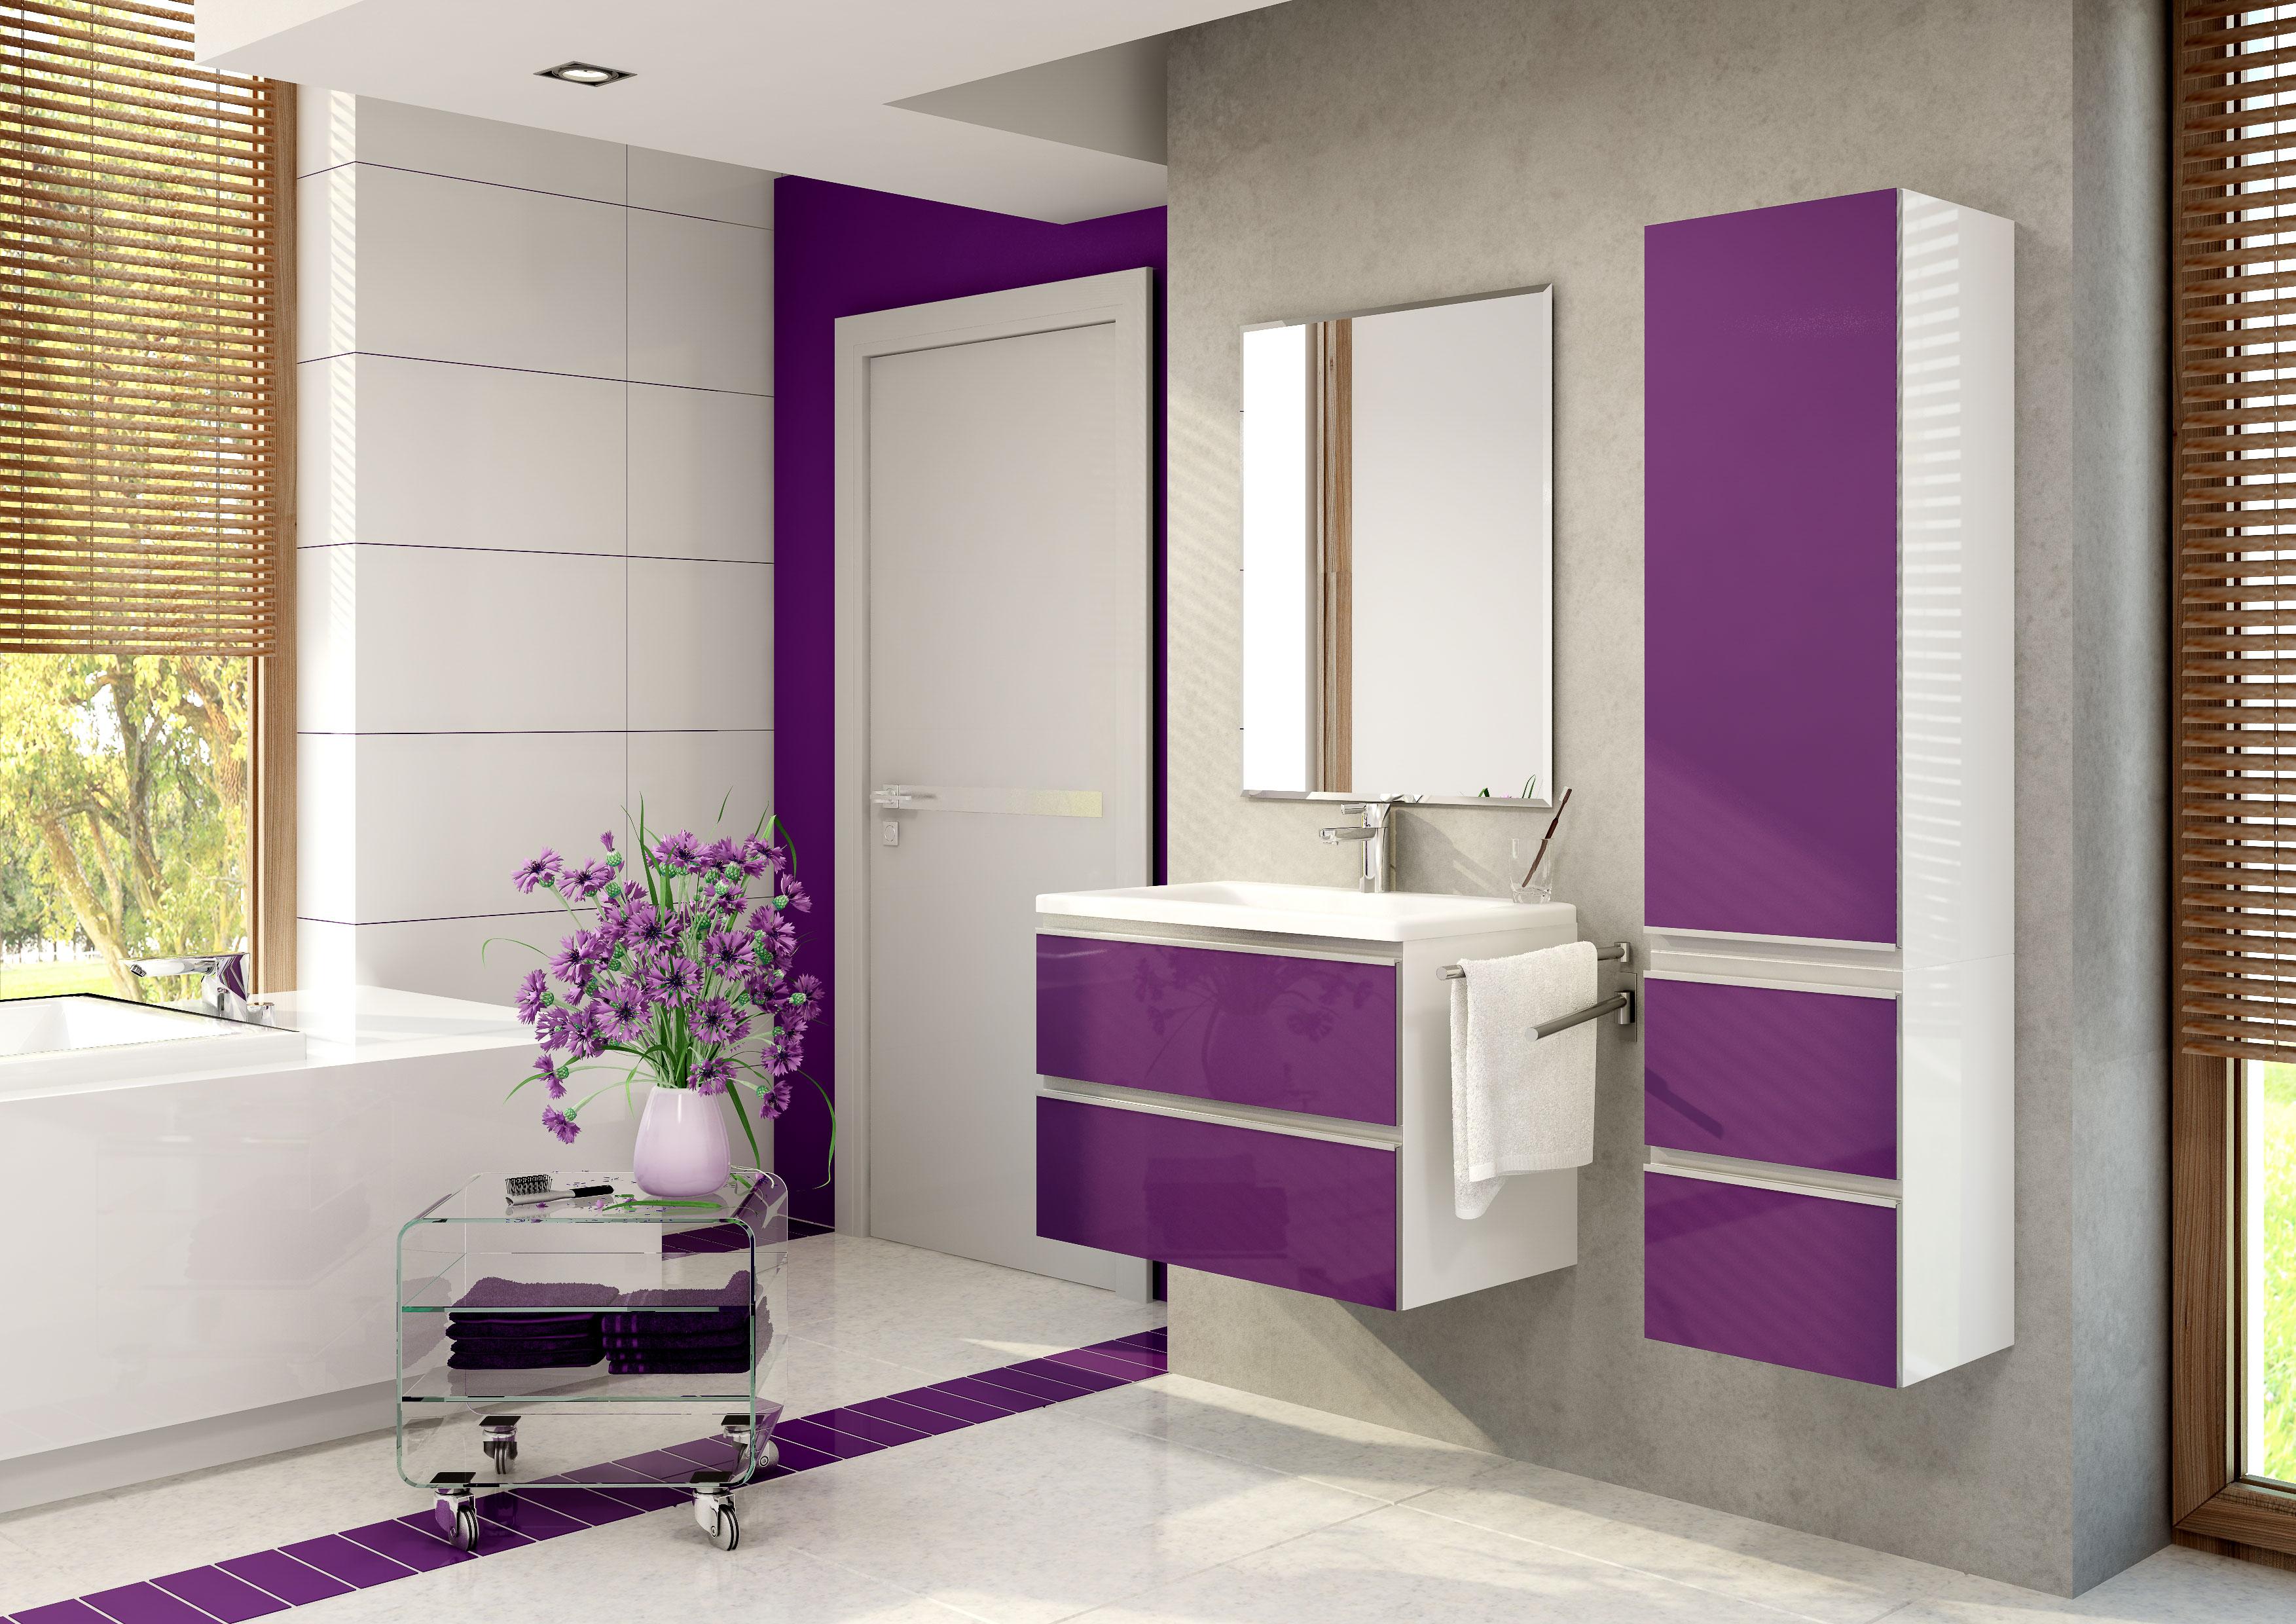 MADERA kúpelňový nábytok